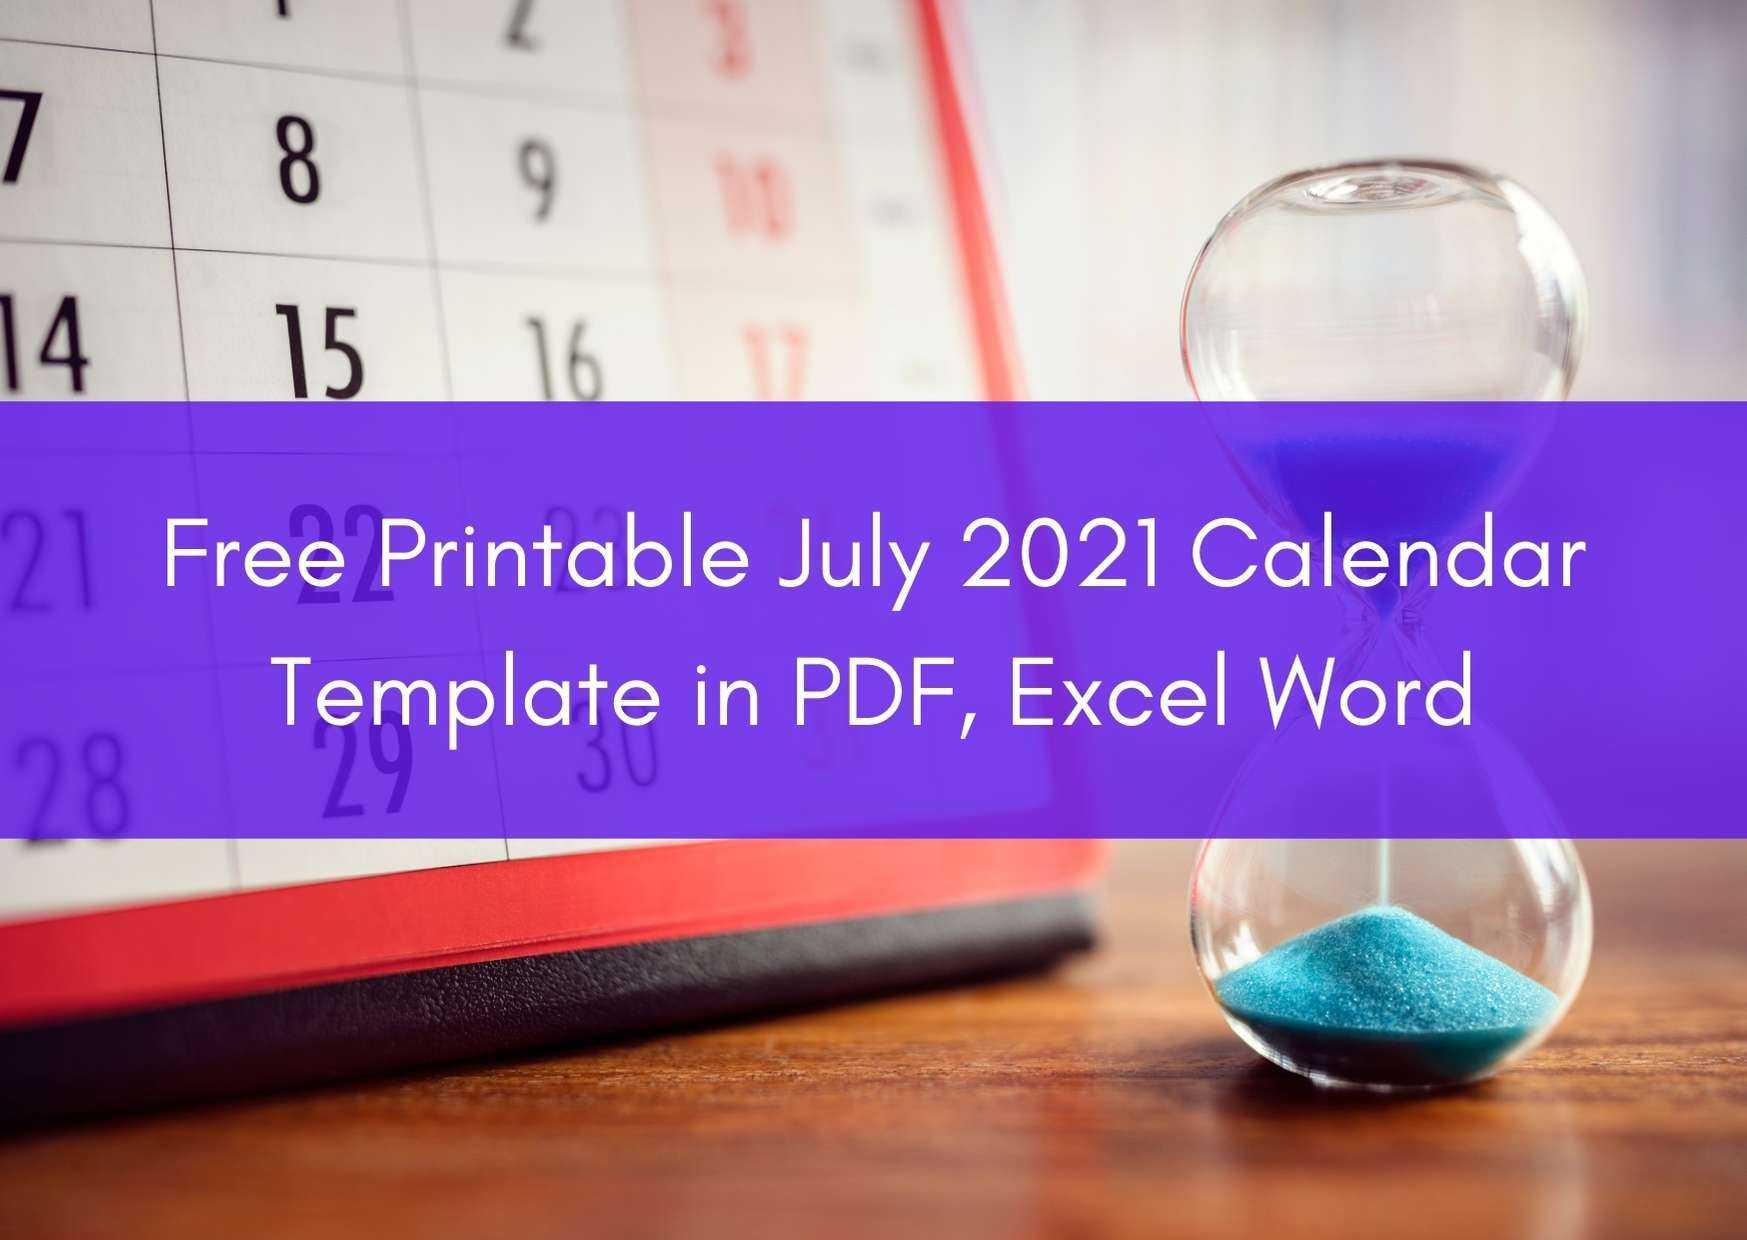 Free Printable July 2021 Calendar Template in PDF, Excel Word